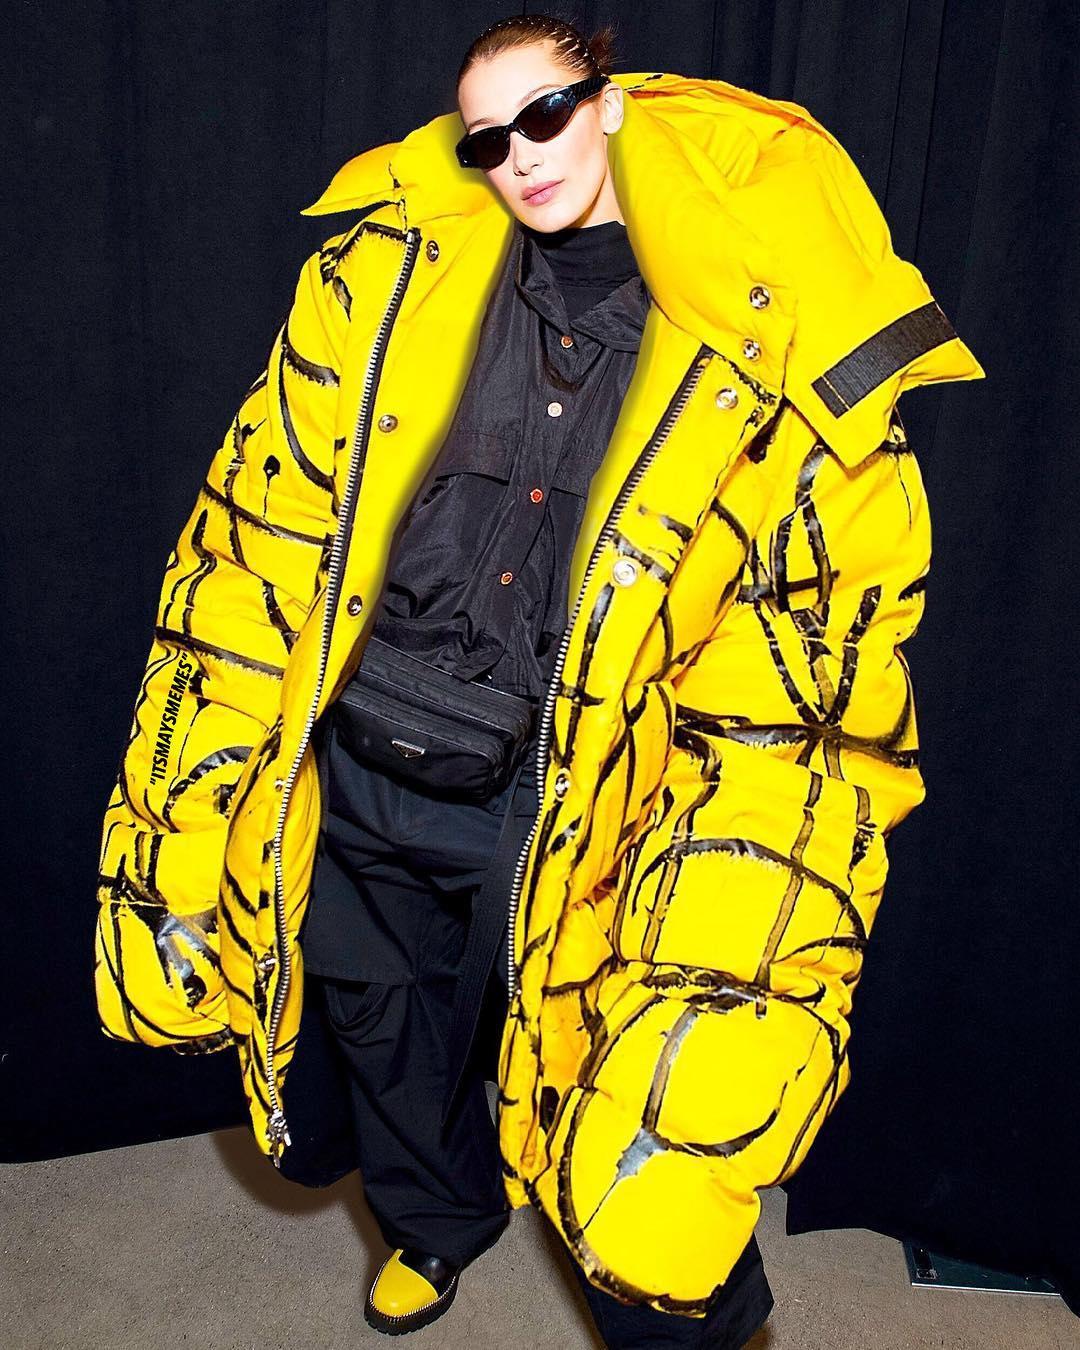 áo khoác ngoại cỡ - elle man (18)